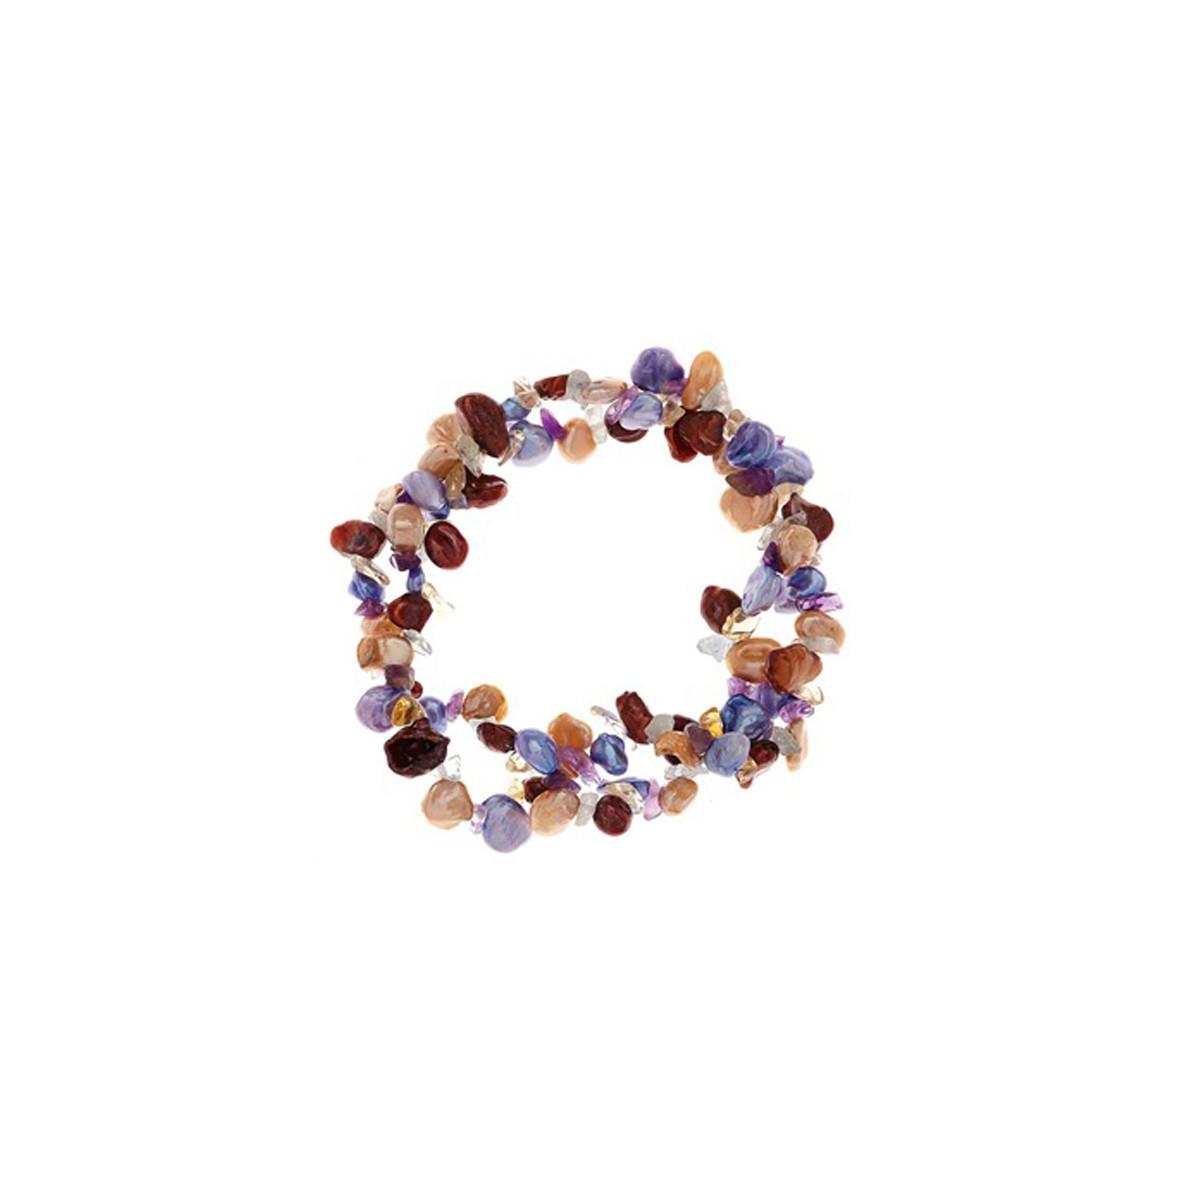 merveilleux bracelet perle de culture multicolore m1m05lrpa mes bijoux fr. Black Bedroom Furniture Sets. Home Design Ideas